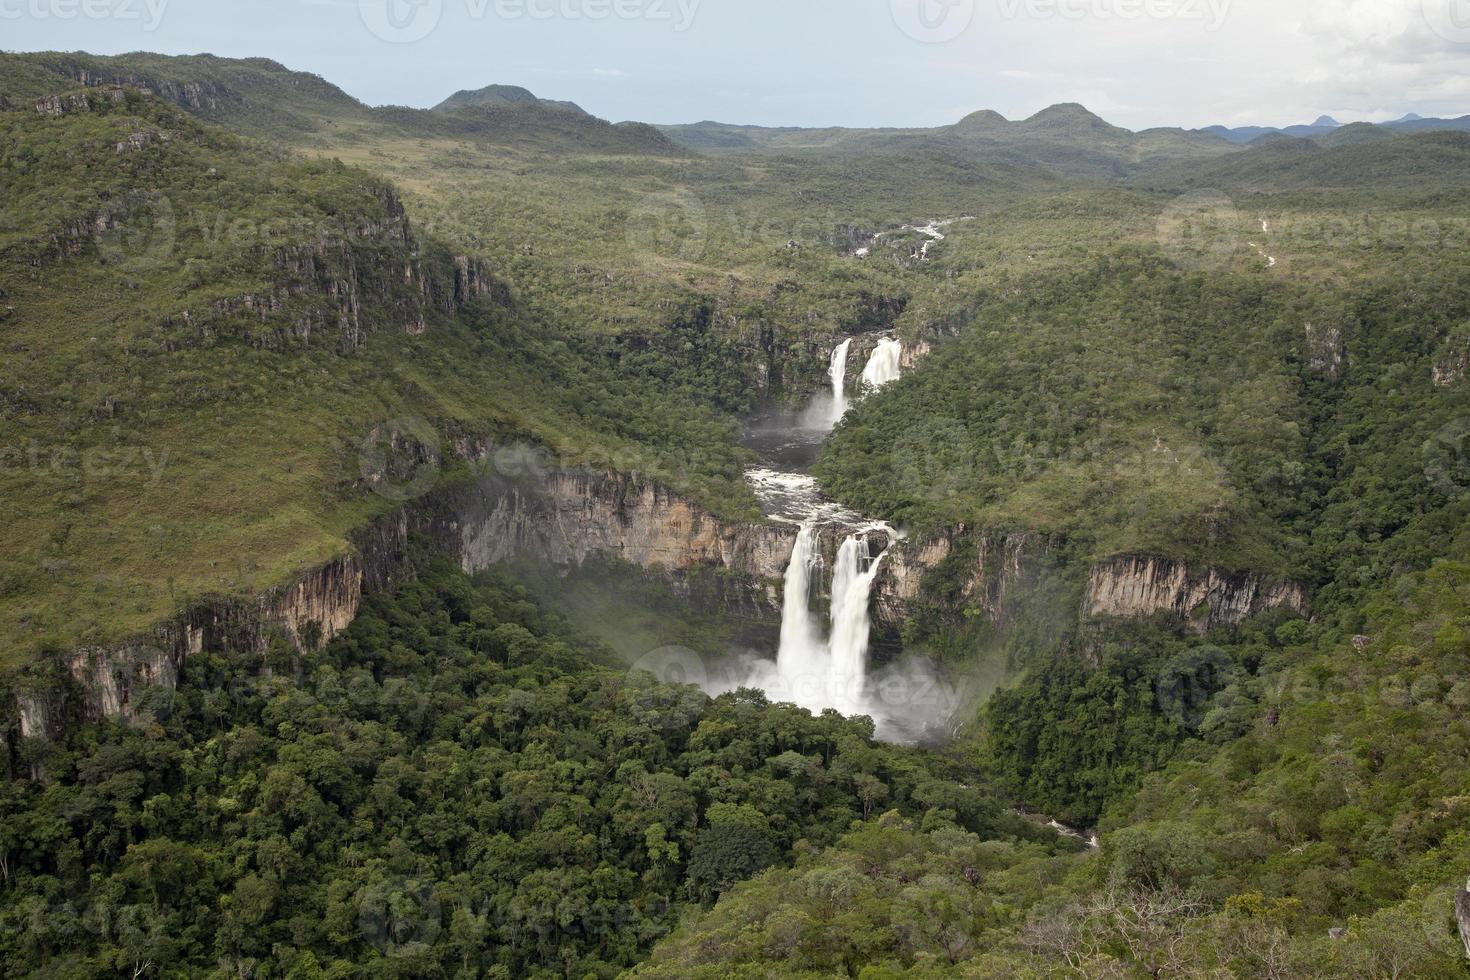 cachoeira do rio preto foto